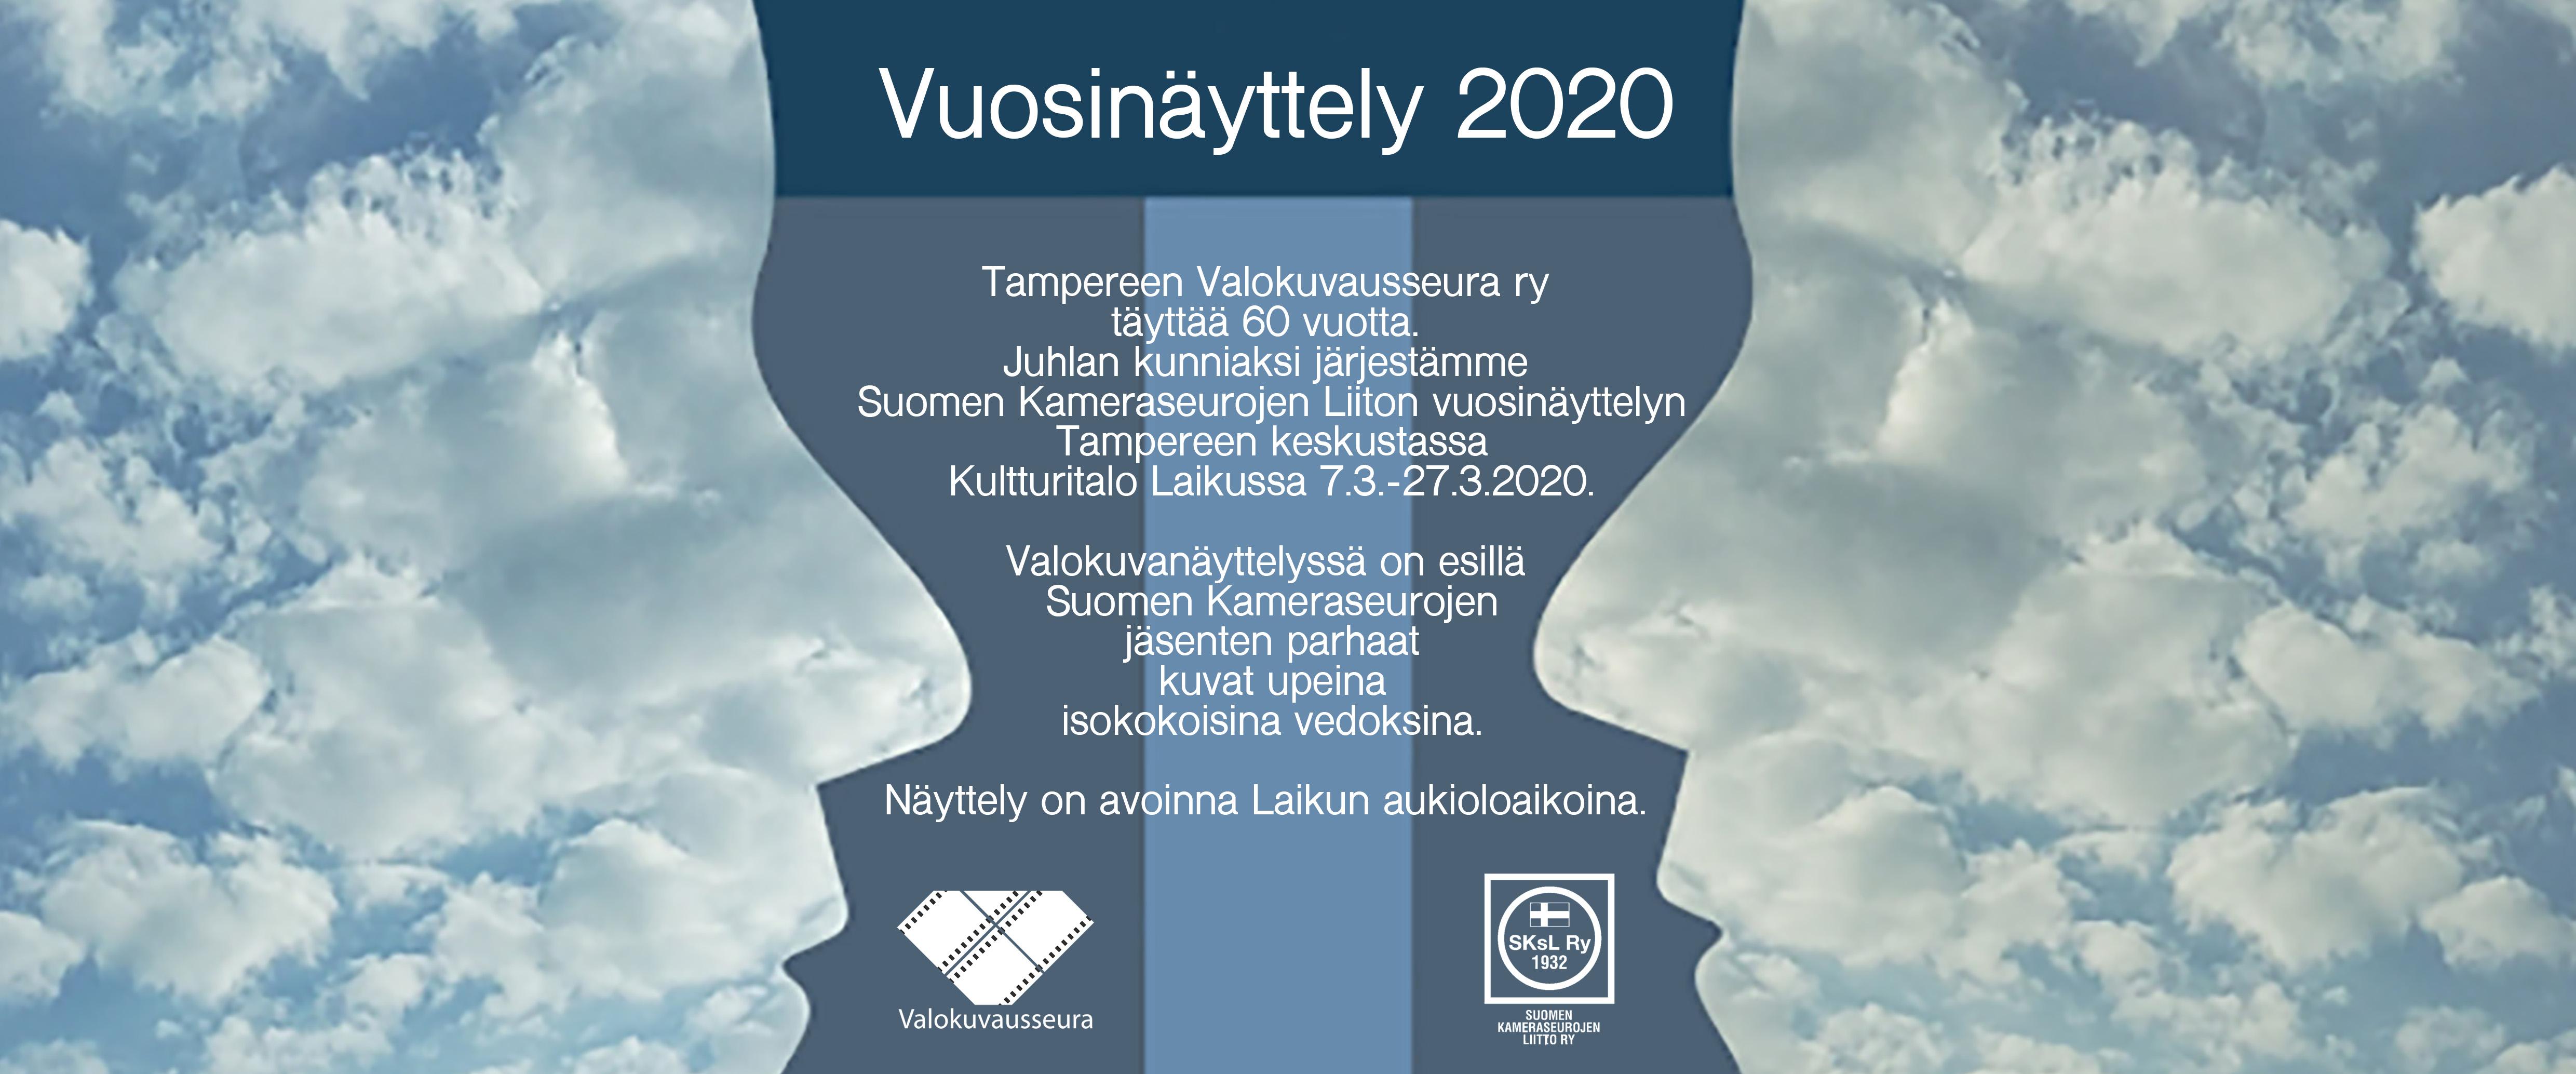 Peruttu: Tampereen Valokuvausseura 60 vuotta - Suomen Kameraseurojen liiton vuosinäyttely